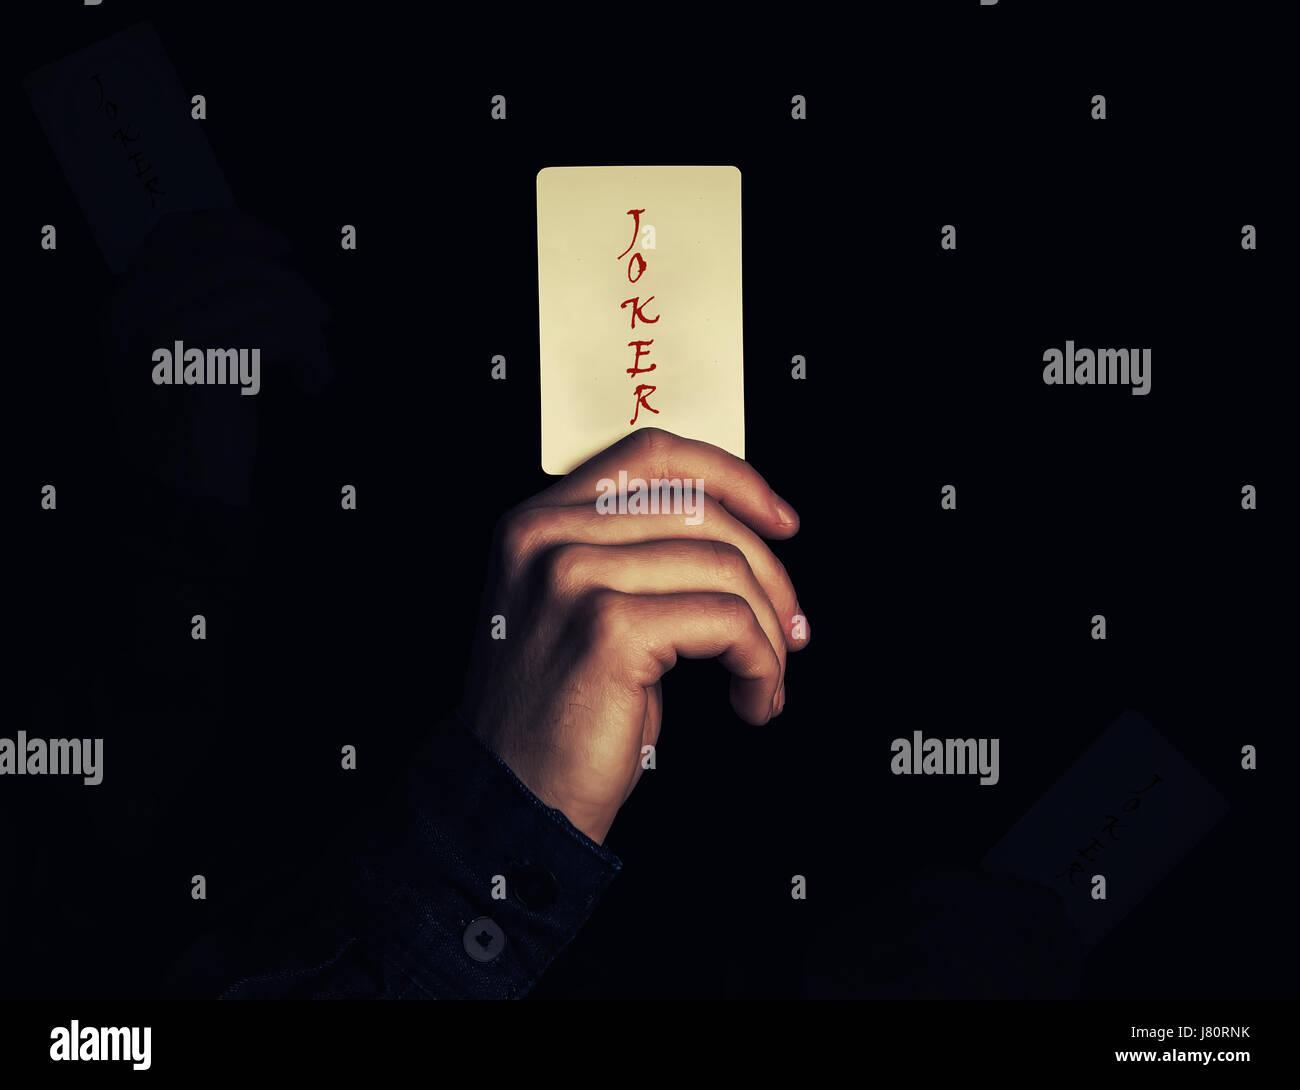 Nahaufnahme von einem Mann Hand hält Joker Spielkarte. Illusionist zeigt einen Zaubertrick auf einem schwarzen Stockbild